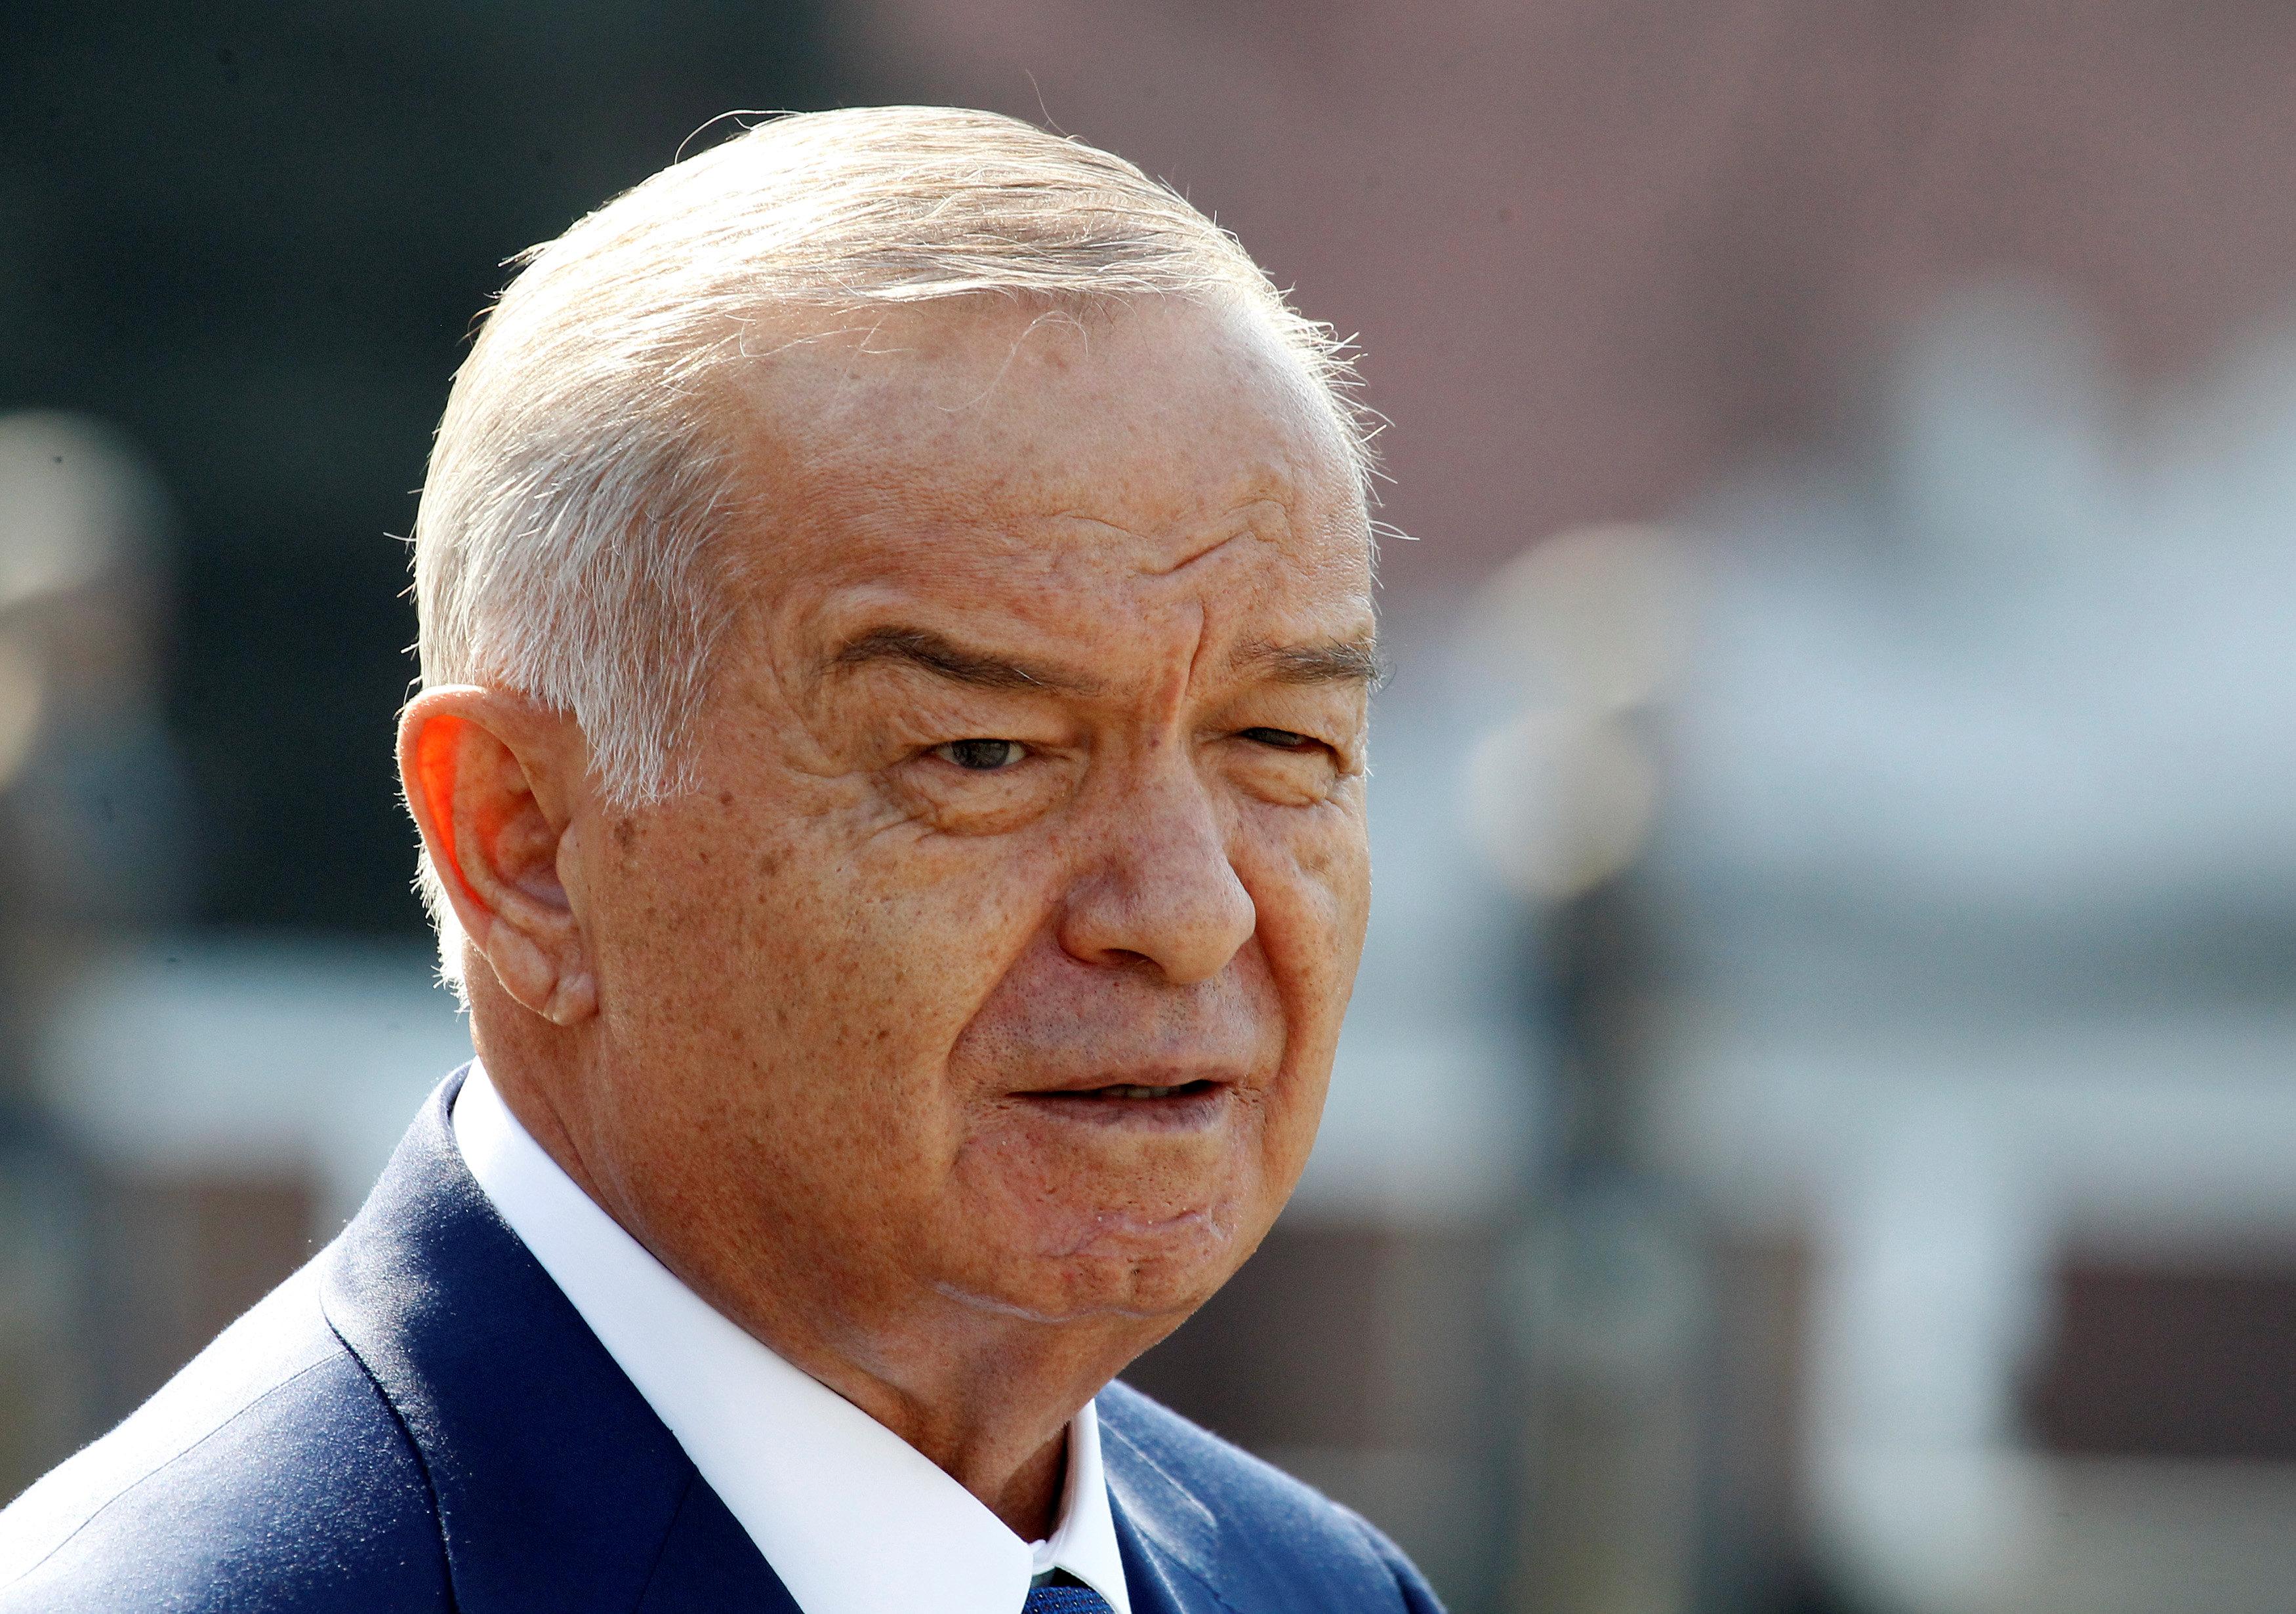 Foto de archivo del presidente de Uzbekistán, Islam Karimov. REUTERS